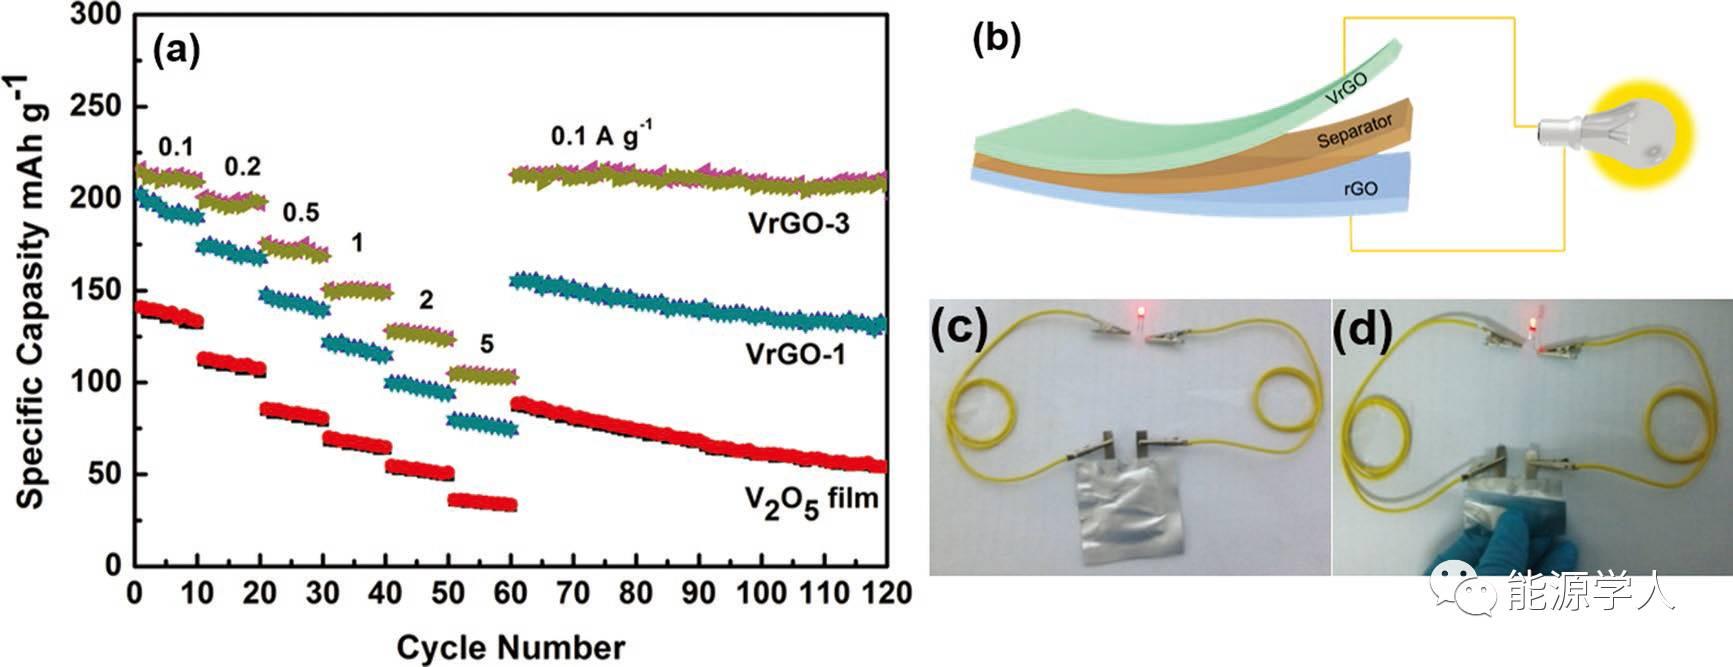 溶致液晶辅助自组装高度有序V2O5/rGO复合材料